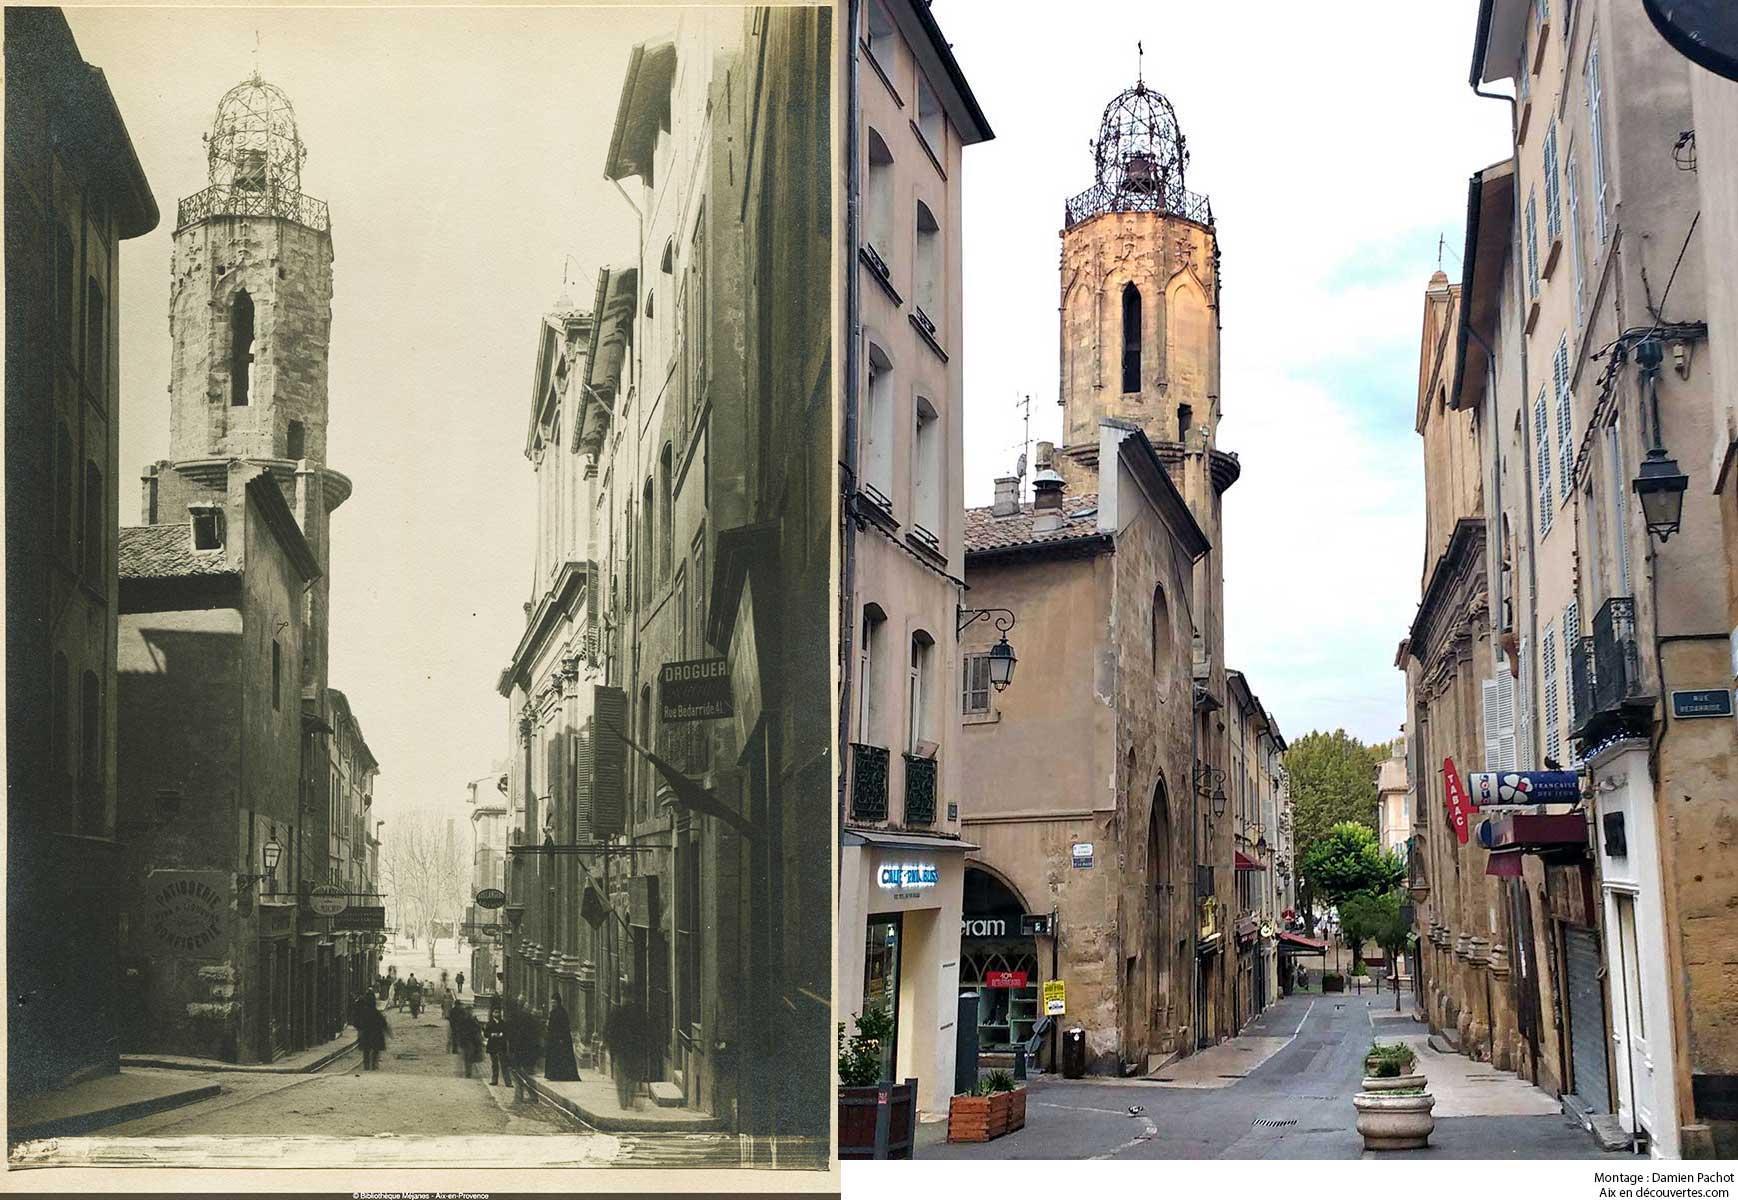 La rue Espariat et l'ancien clocher du couvent des Augustins